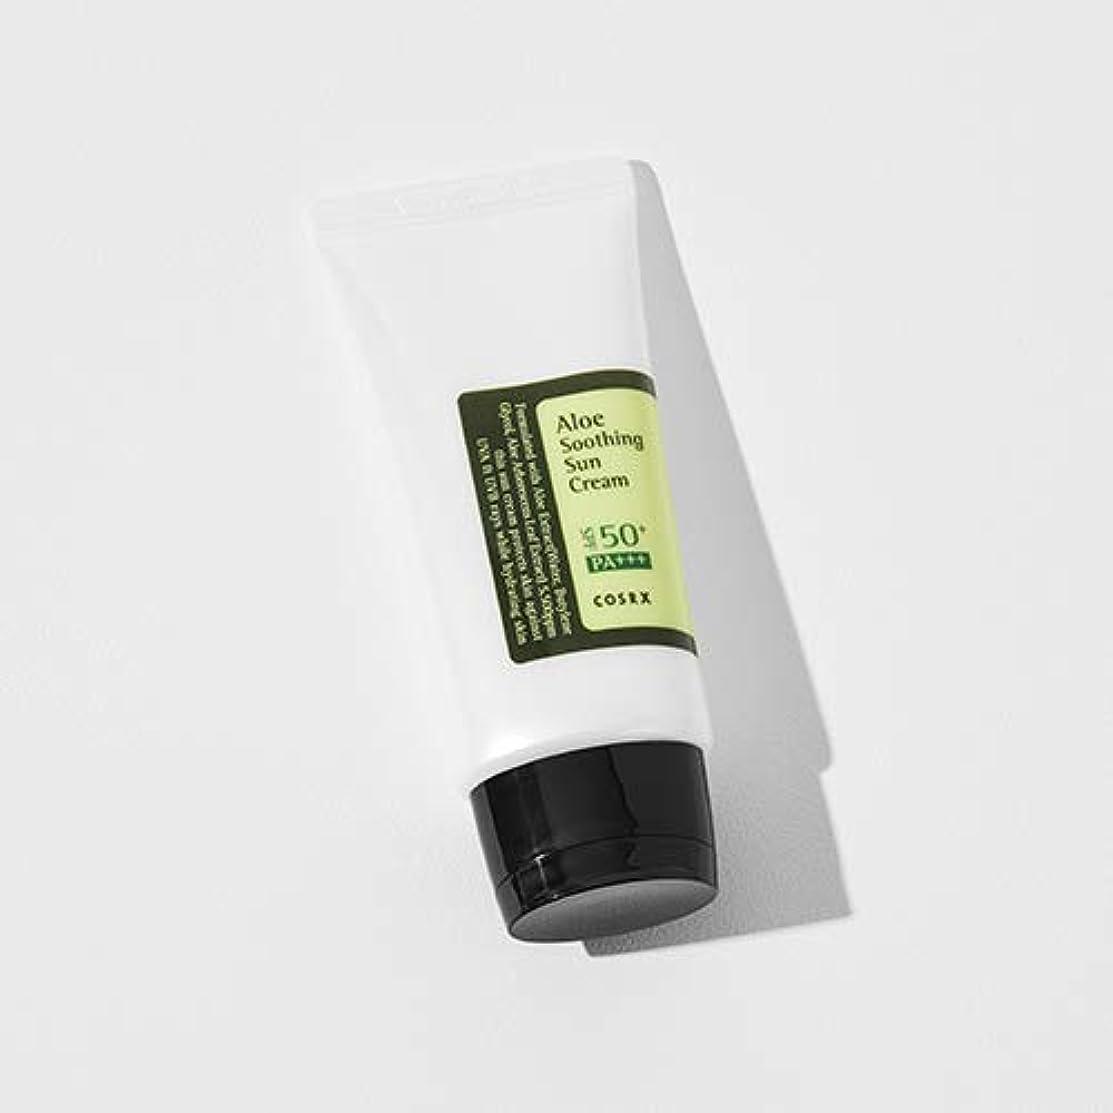 醜い日没ルーチン[COSRX] Aloe Soothing Sun Cream 50ml / [COSRX] アロエ スーディング サンクリーム 50ml [並行輸入品]